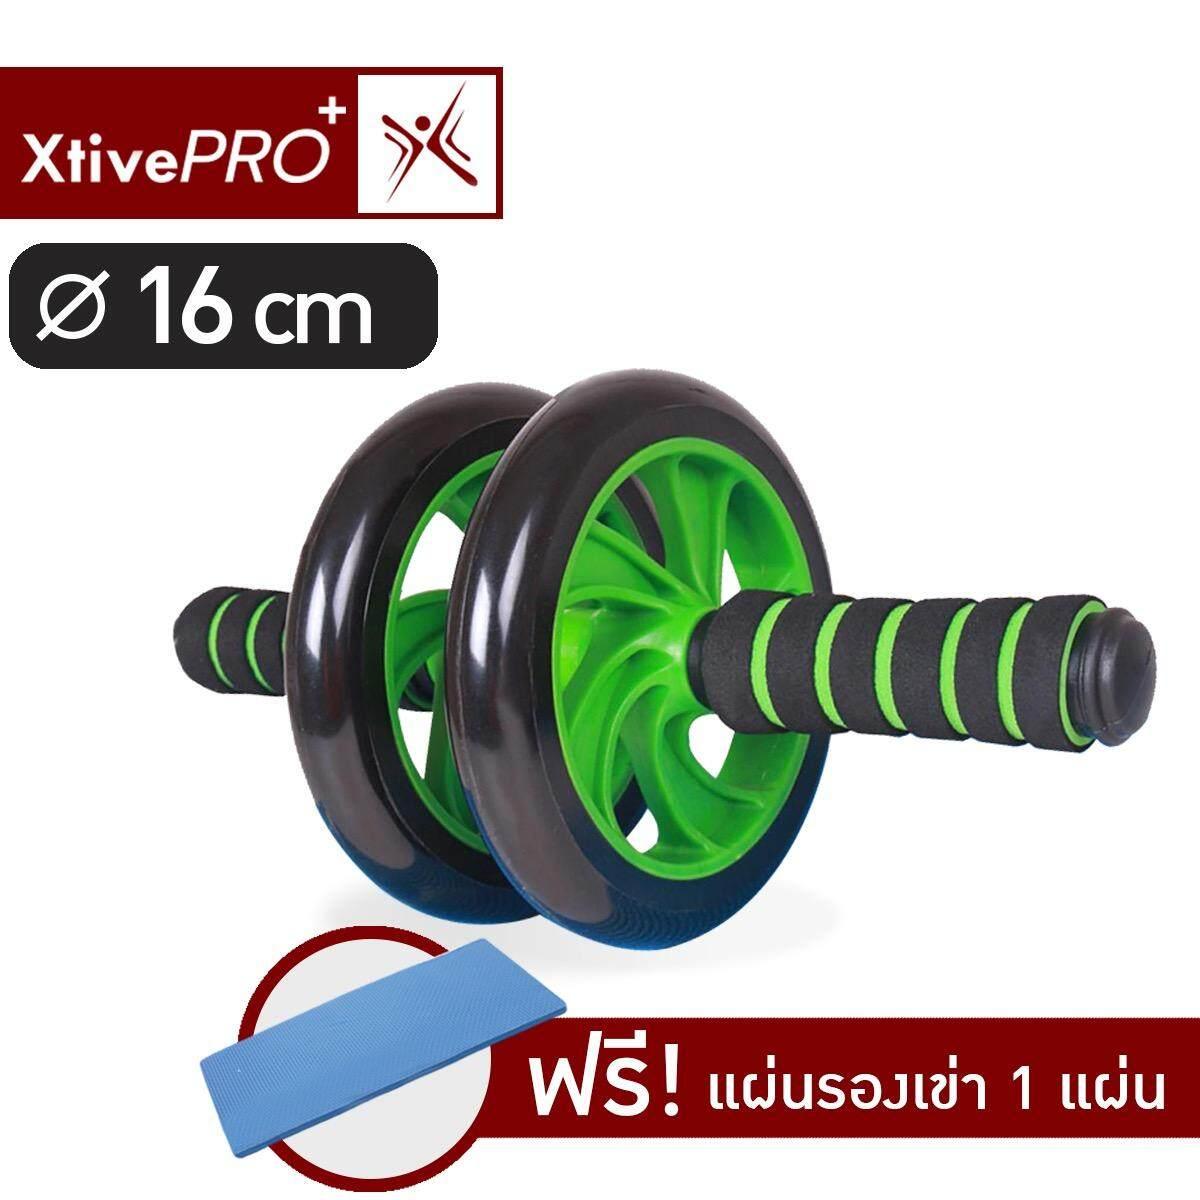 ราคา Xtivepro Starter Wheel 16 Cm Green ลูกกลิ้งบริหารหน้าท้อง Ab Wheel แบบล้อคู่ สีเขียว ที่สุด